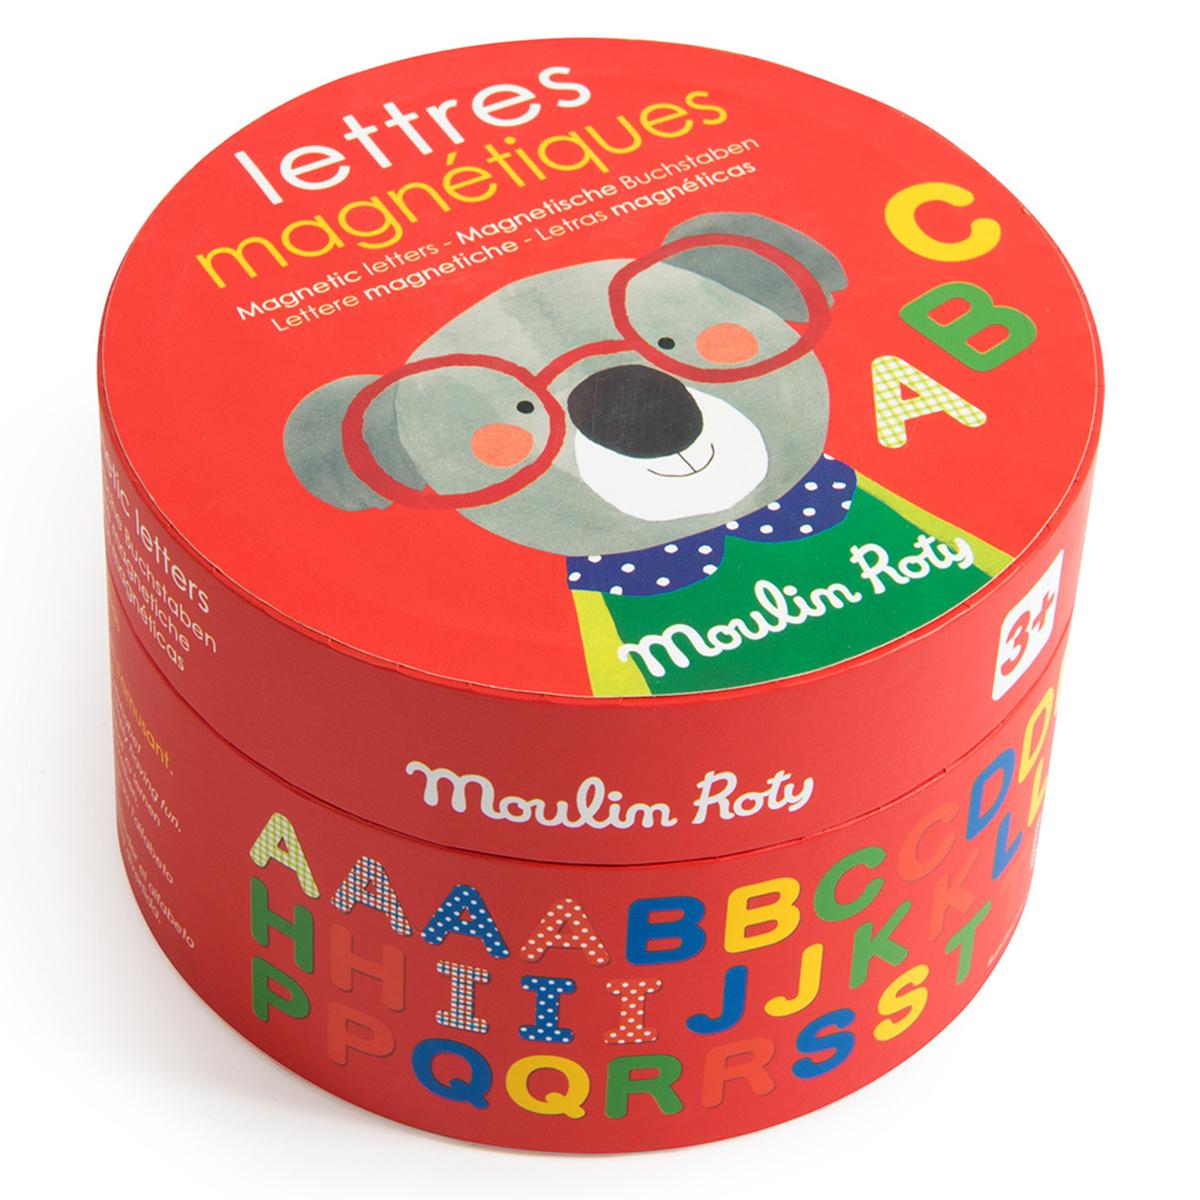 Objet décoration Lot de 54 Lettres Magnétiques - Les Popipop Lot de 54 Lettres Magnétiques - Les Popipop